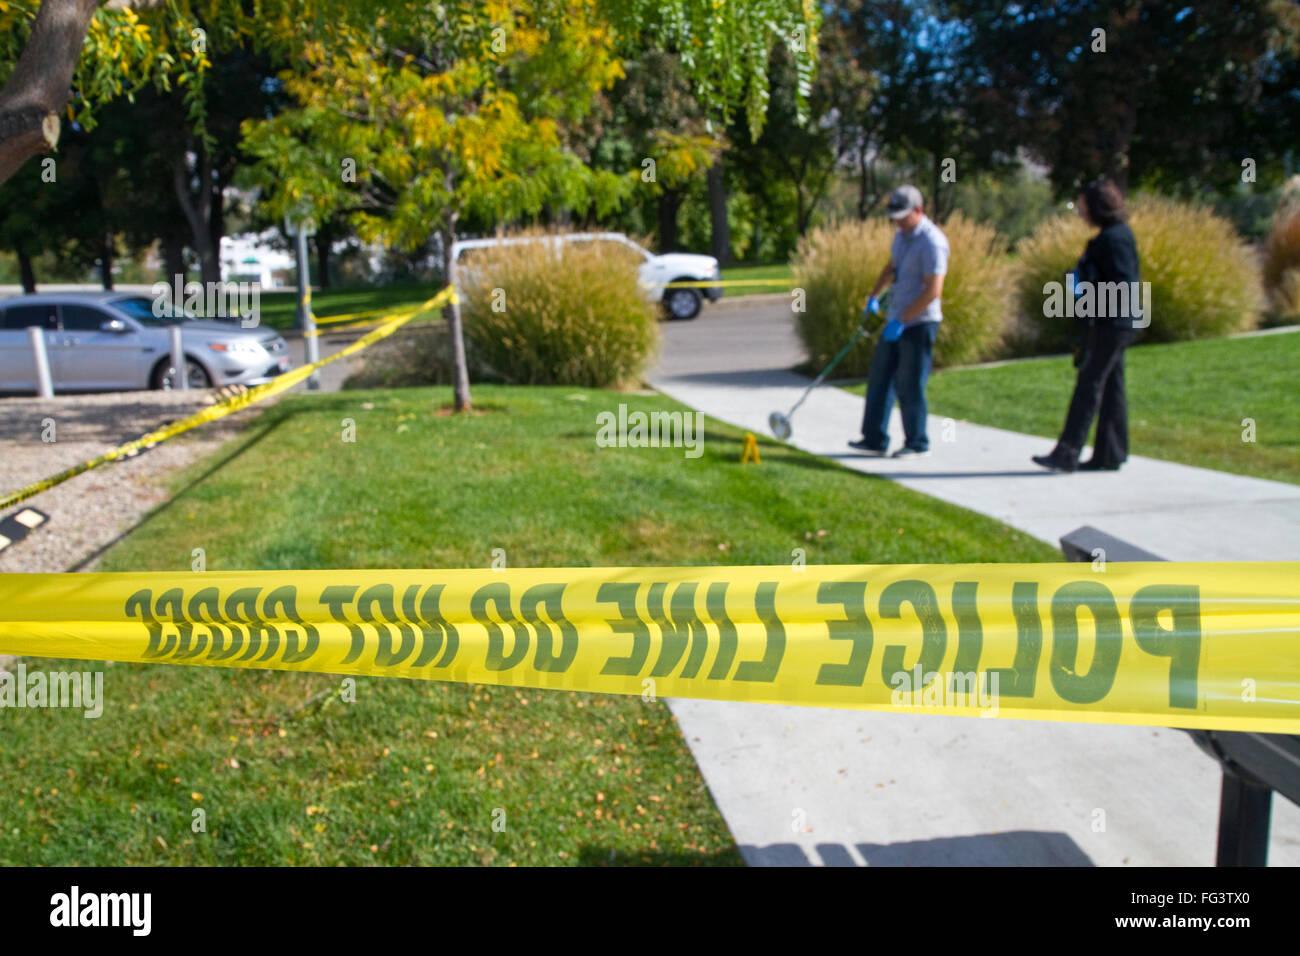 La polizia Nastro di avvertenza sulla scena di un crimine a Boise, Idaho, Stati Uniti d'America. Immagini Stock